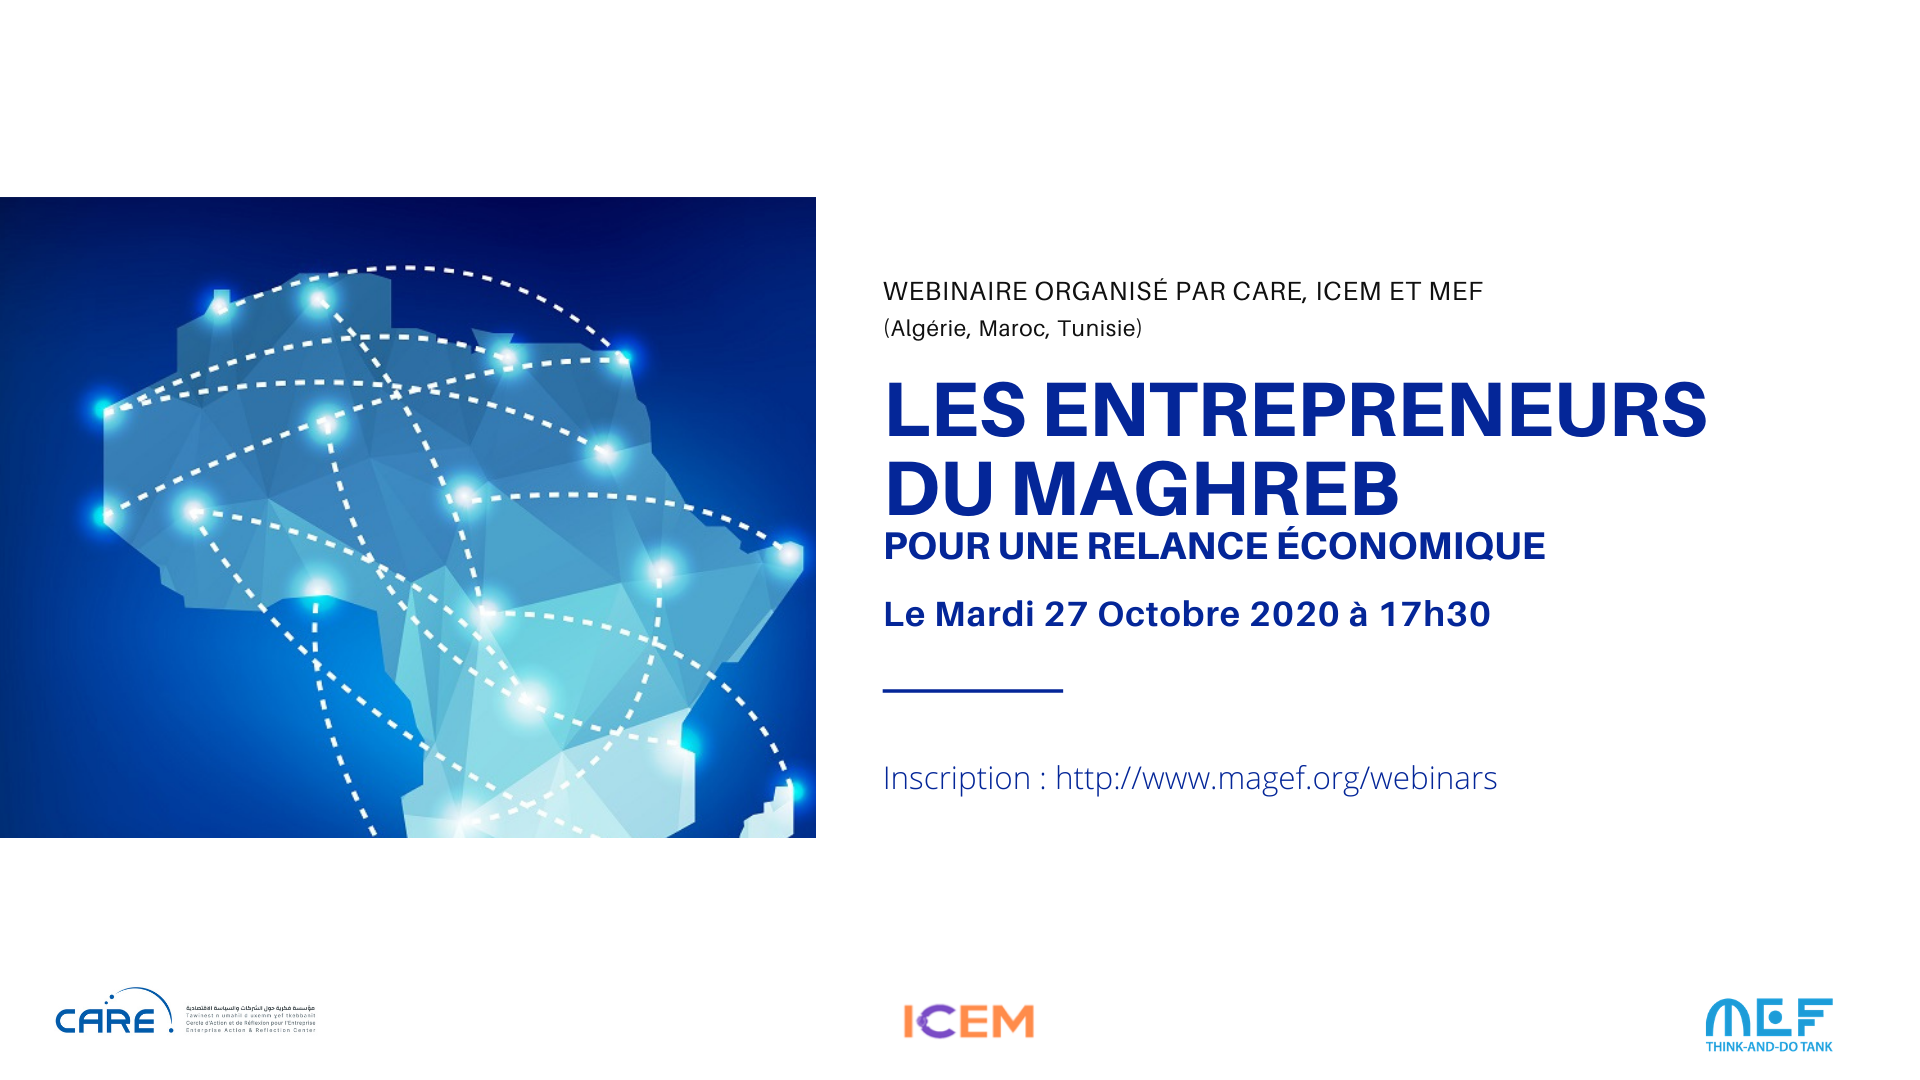 Entrepreneurs Maghrébins: Mobilisation pour la relance